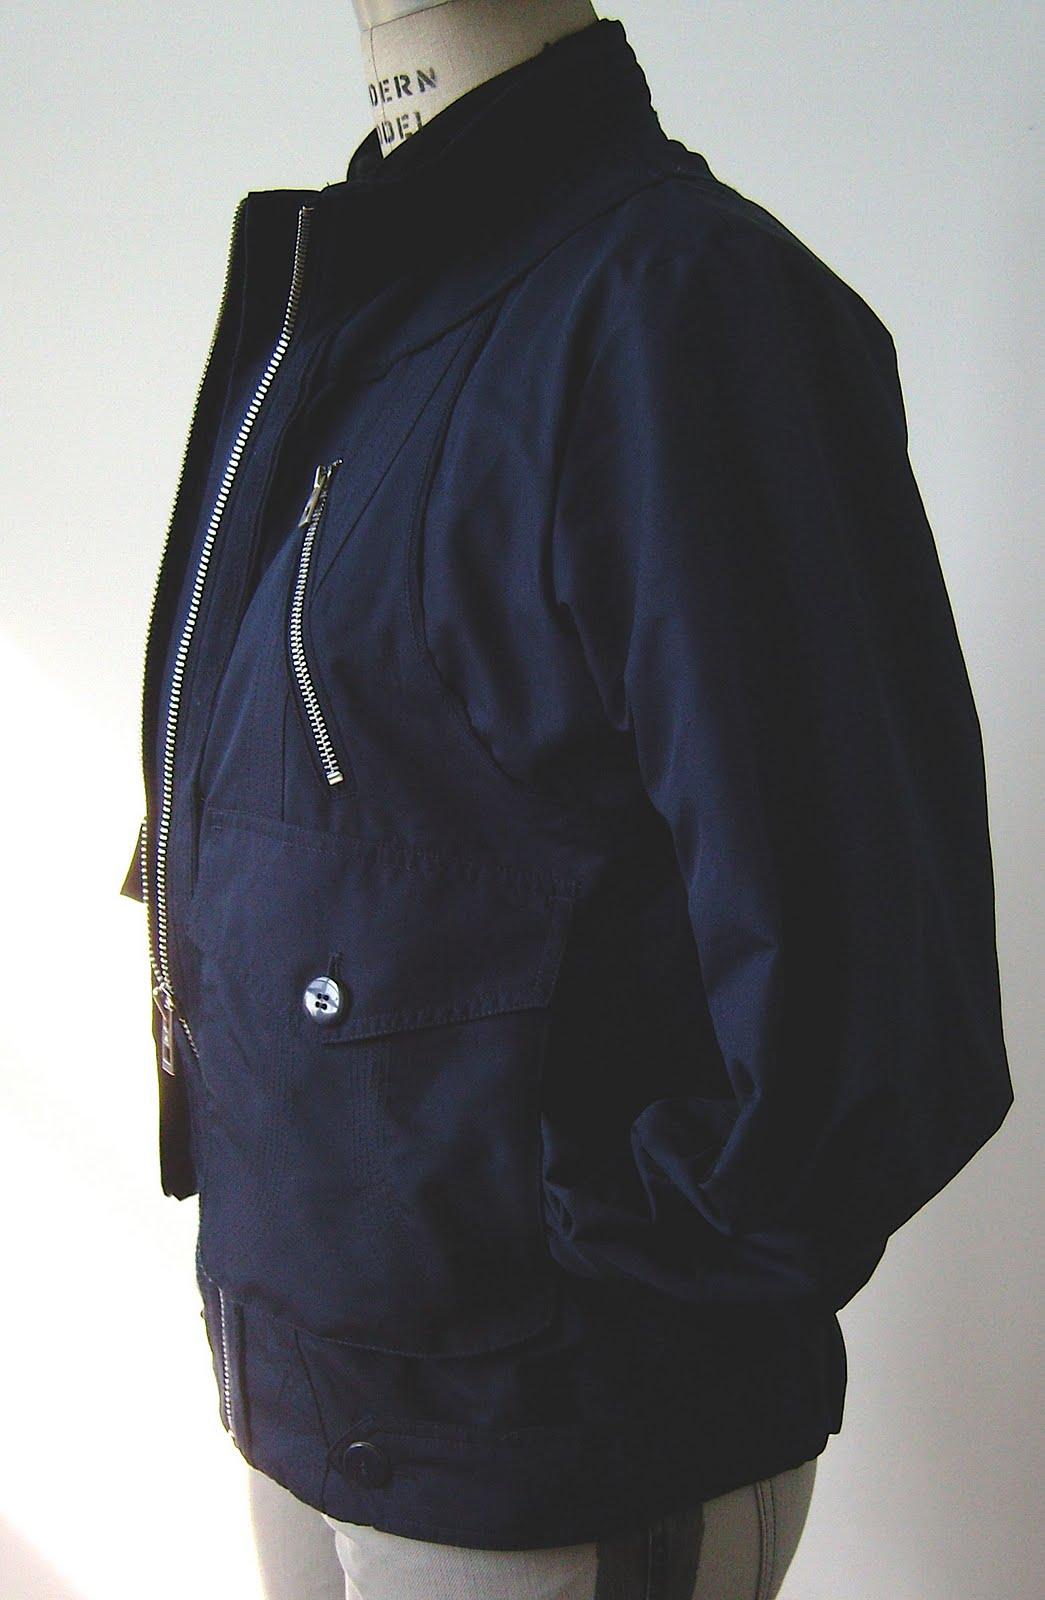 http://4.bp.blogspot.com/_YUGmLz19Zn8/S8Je8vHlA7I/AAAAAAAAAa4/OroZ-5gFVto/s1600/adidas-stella-mccartney-jacket-back.jpg